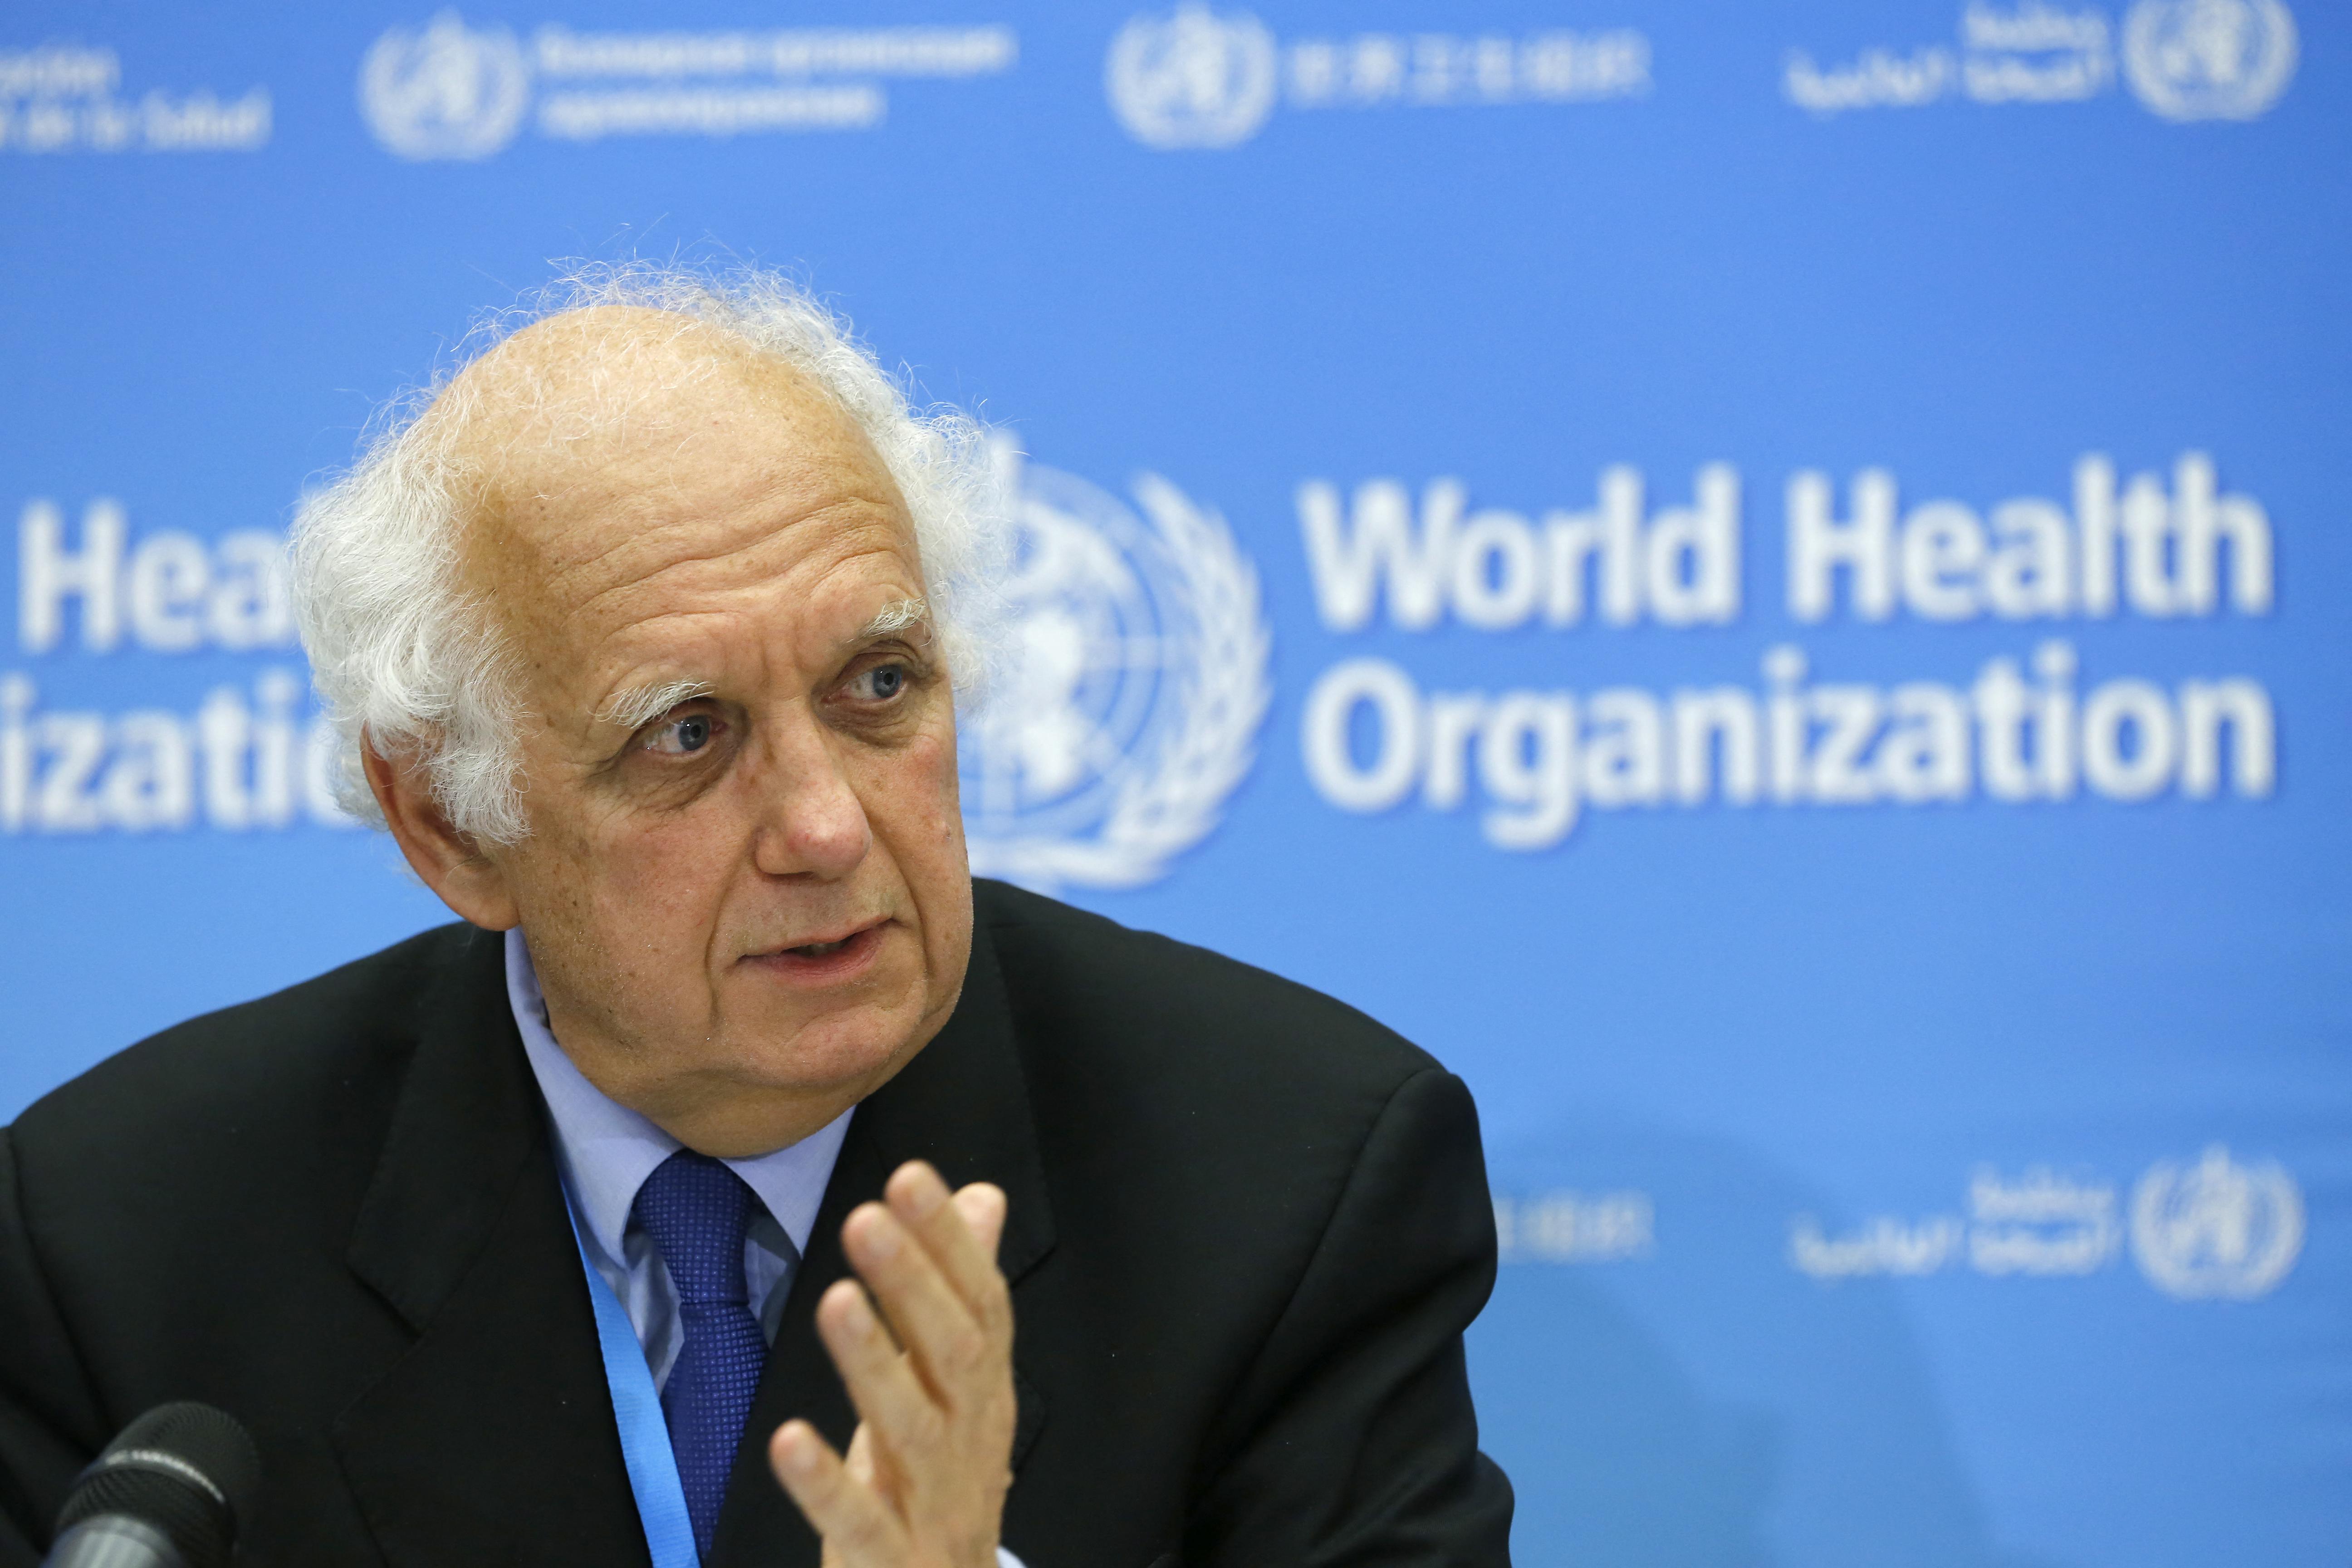 A WHO szerint a harmadik oltás növeli az országok közti egyenlőtlenségeket